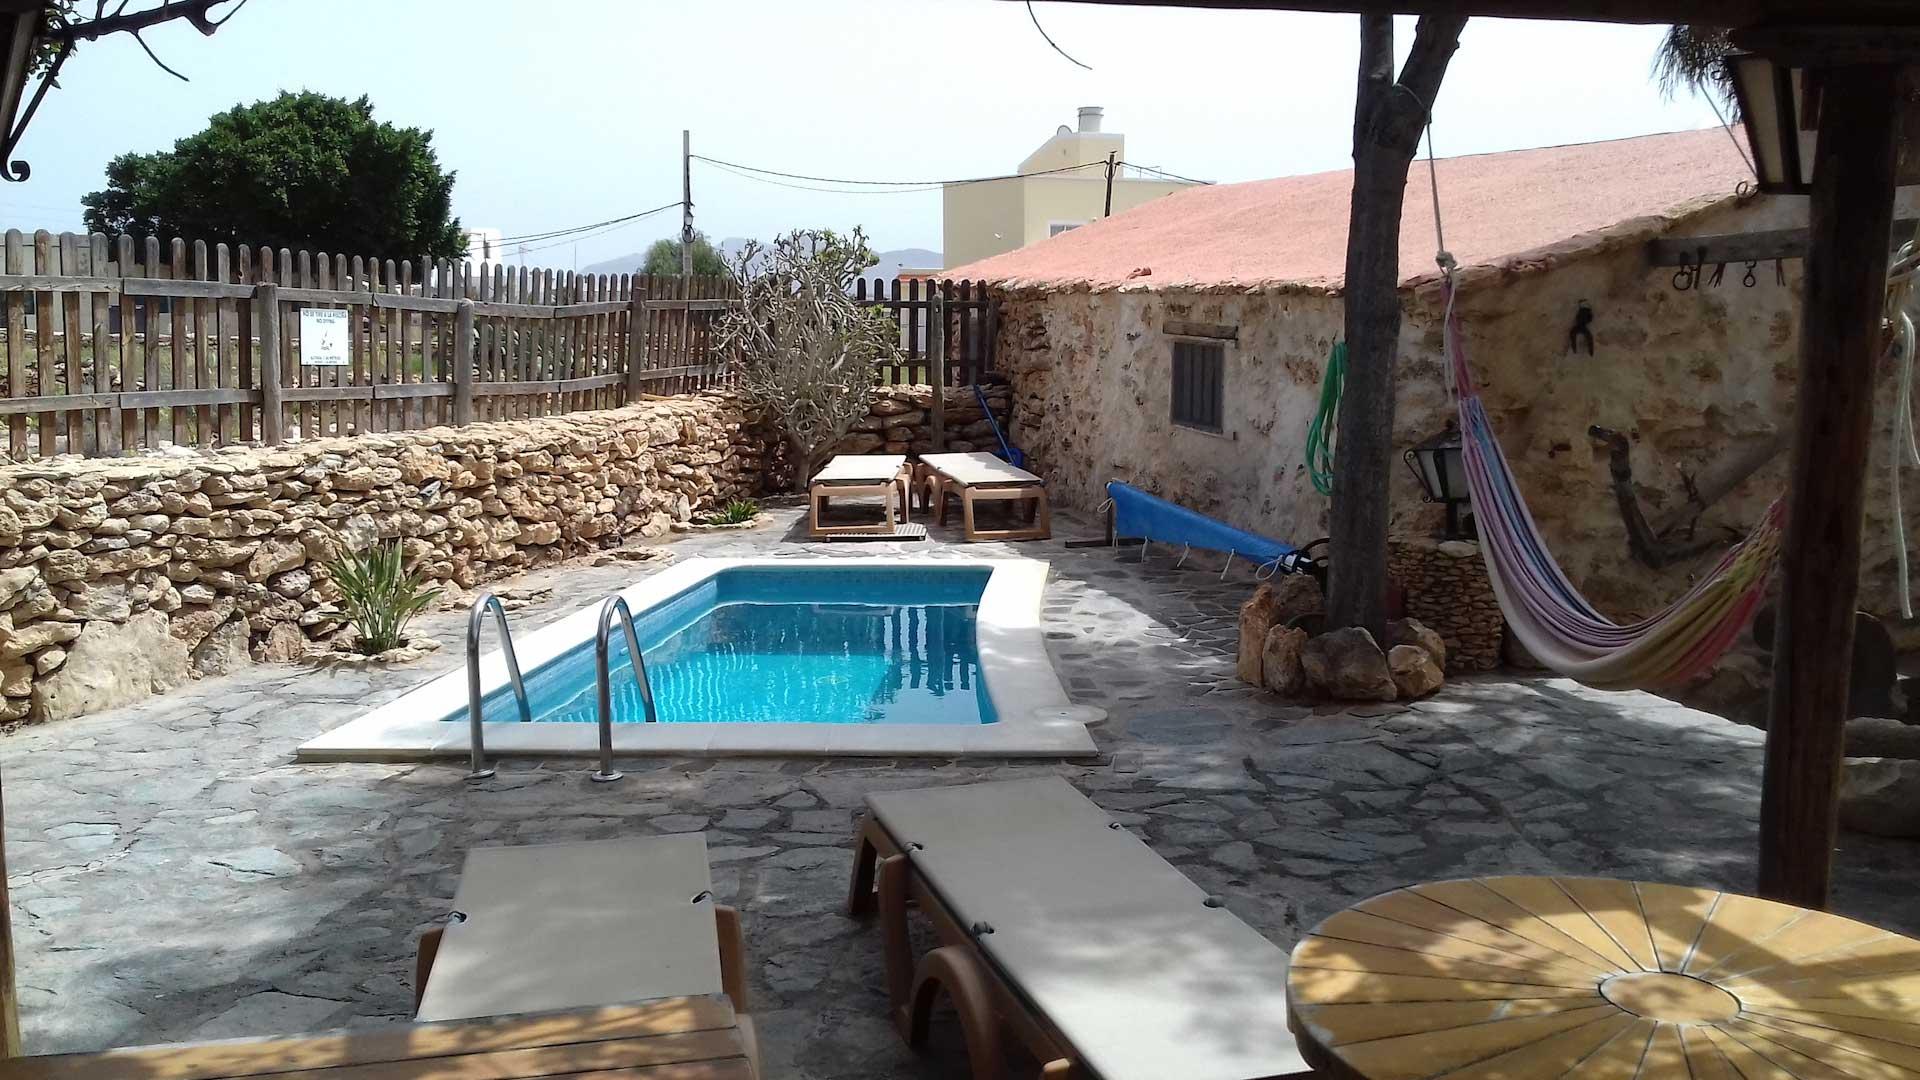 casa-rural-fuerteventura-tamasite-slidero2018